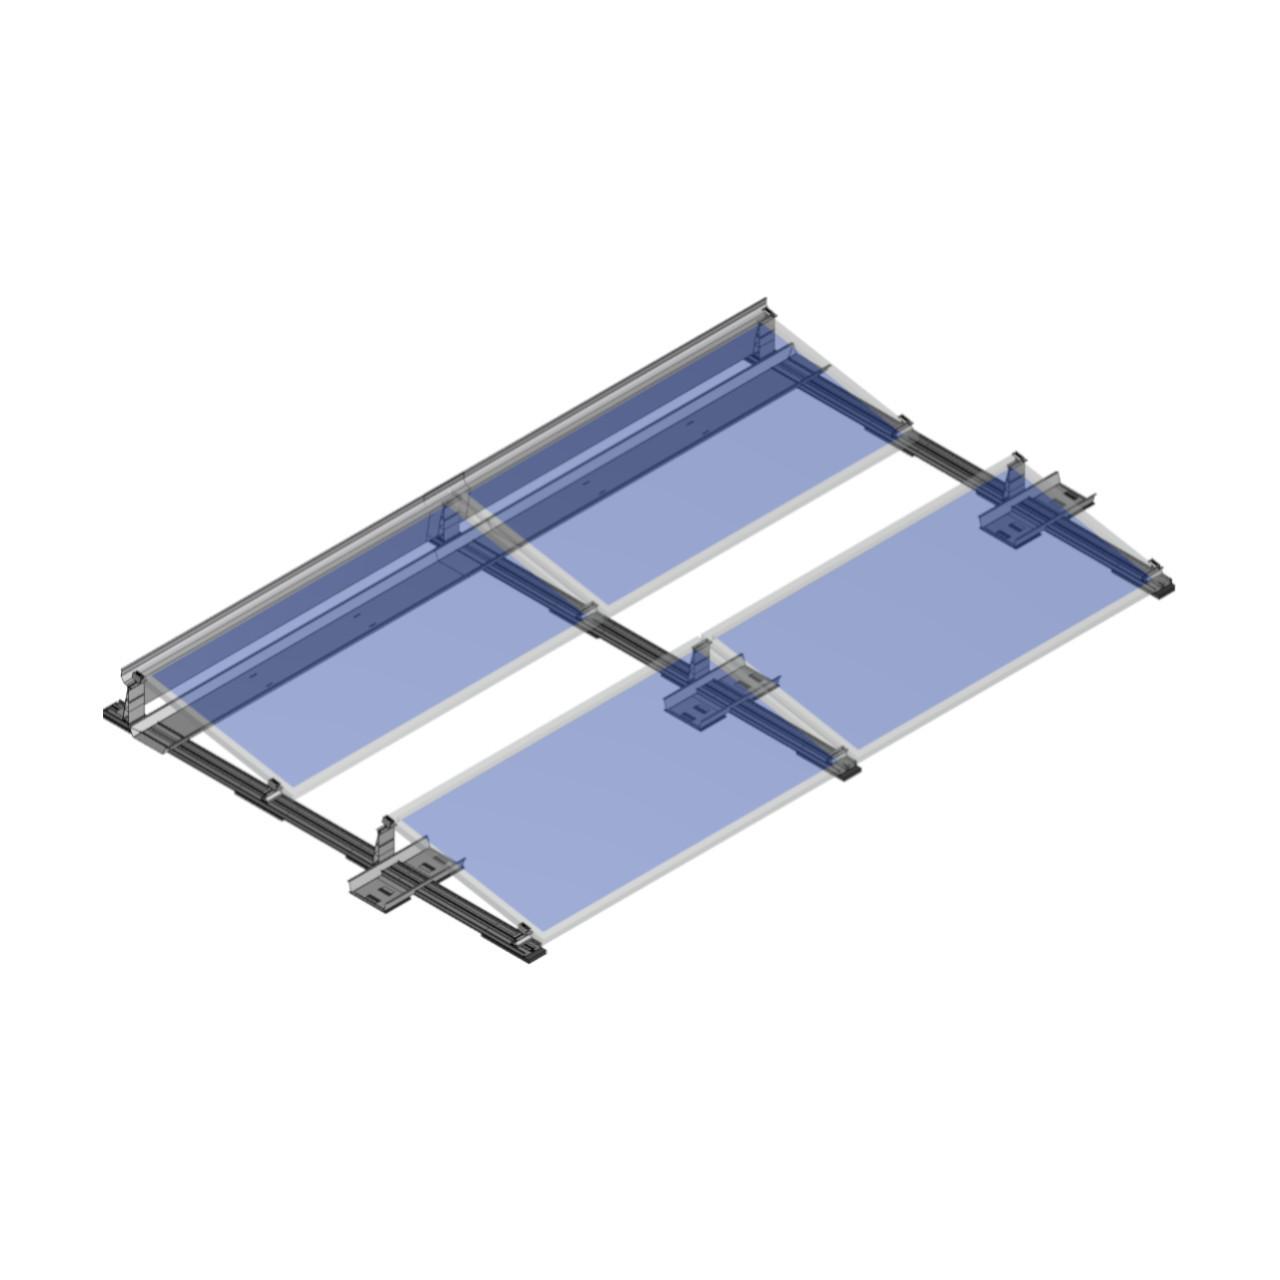 FixGrid10 - South- Transparent Panels